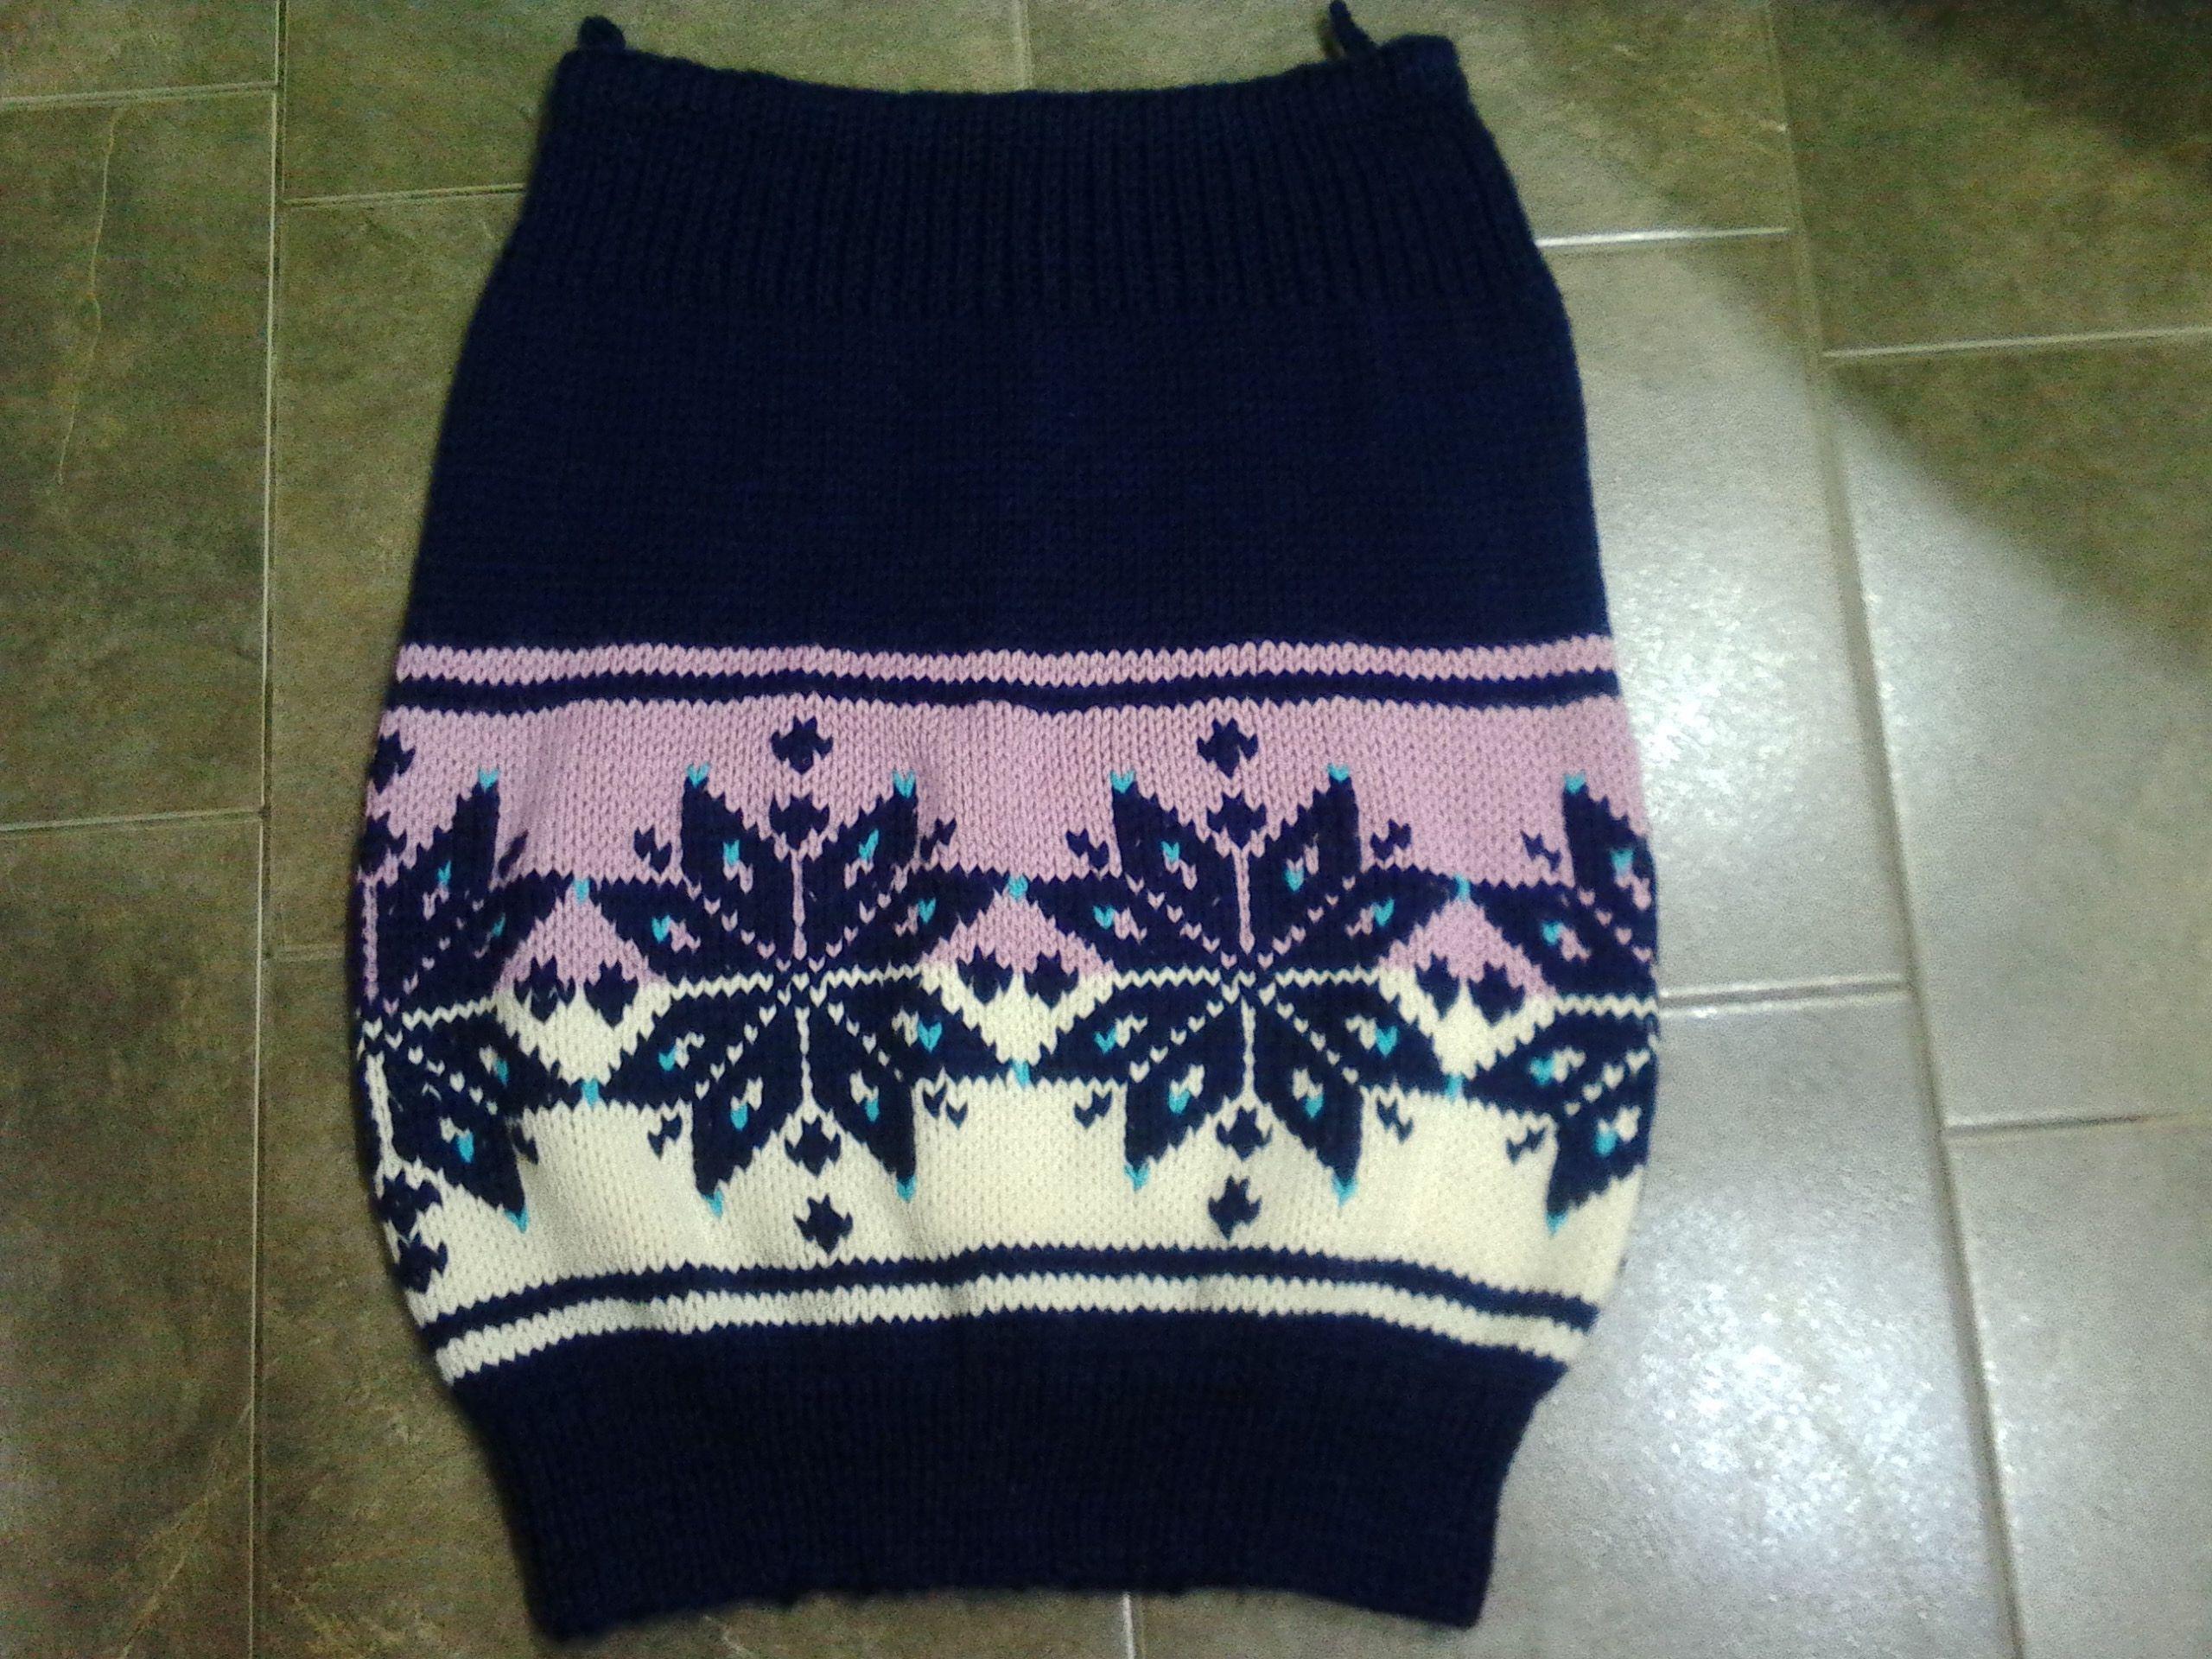 больших размеров эксклюзивная юбка спиуами одежда большого размера теплая вязание красивая